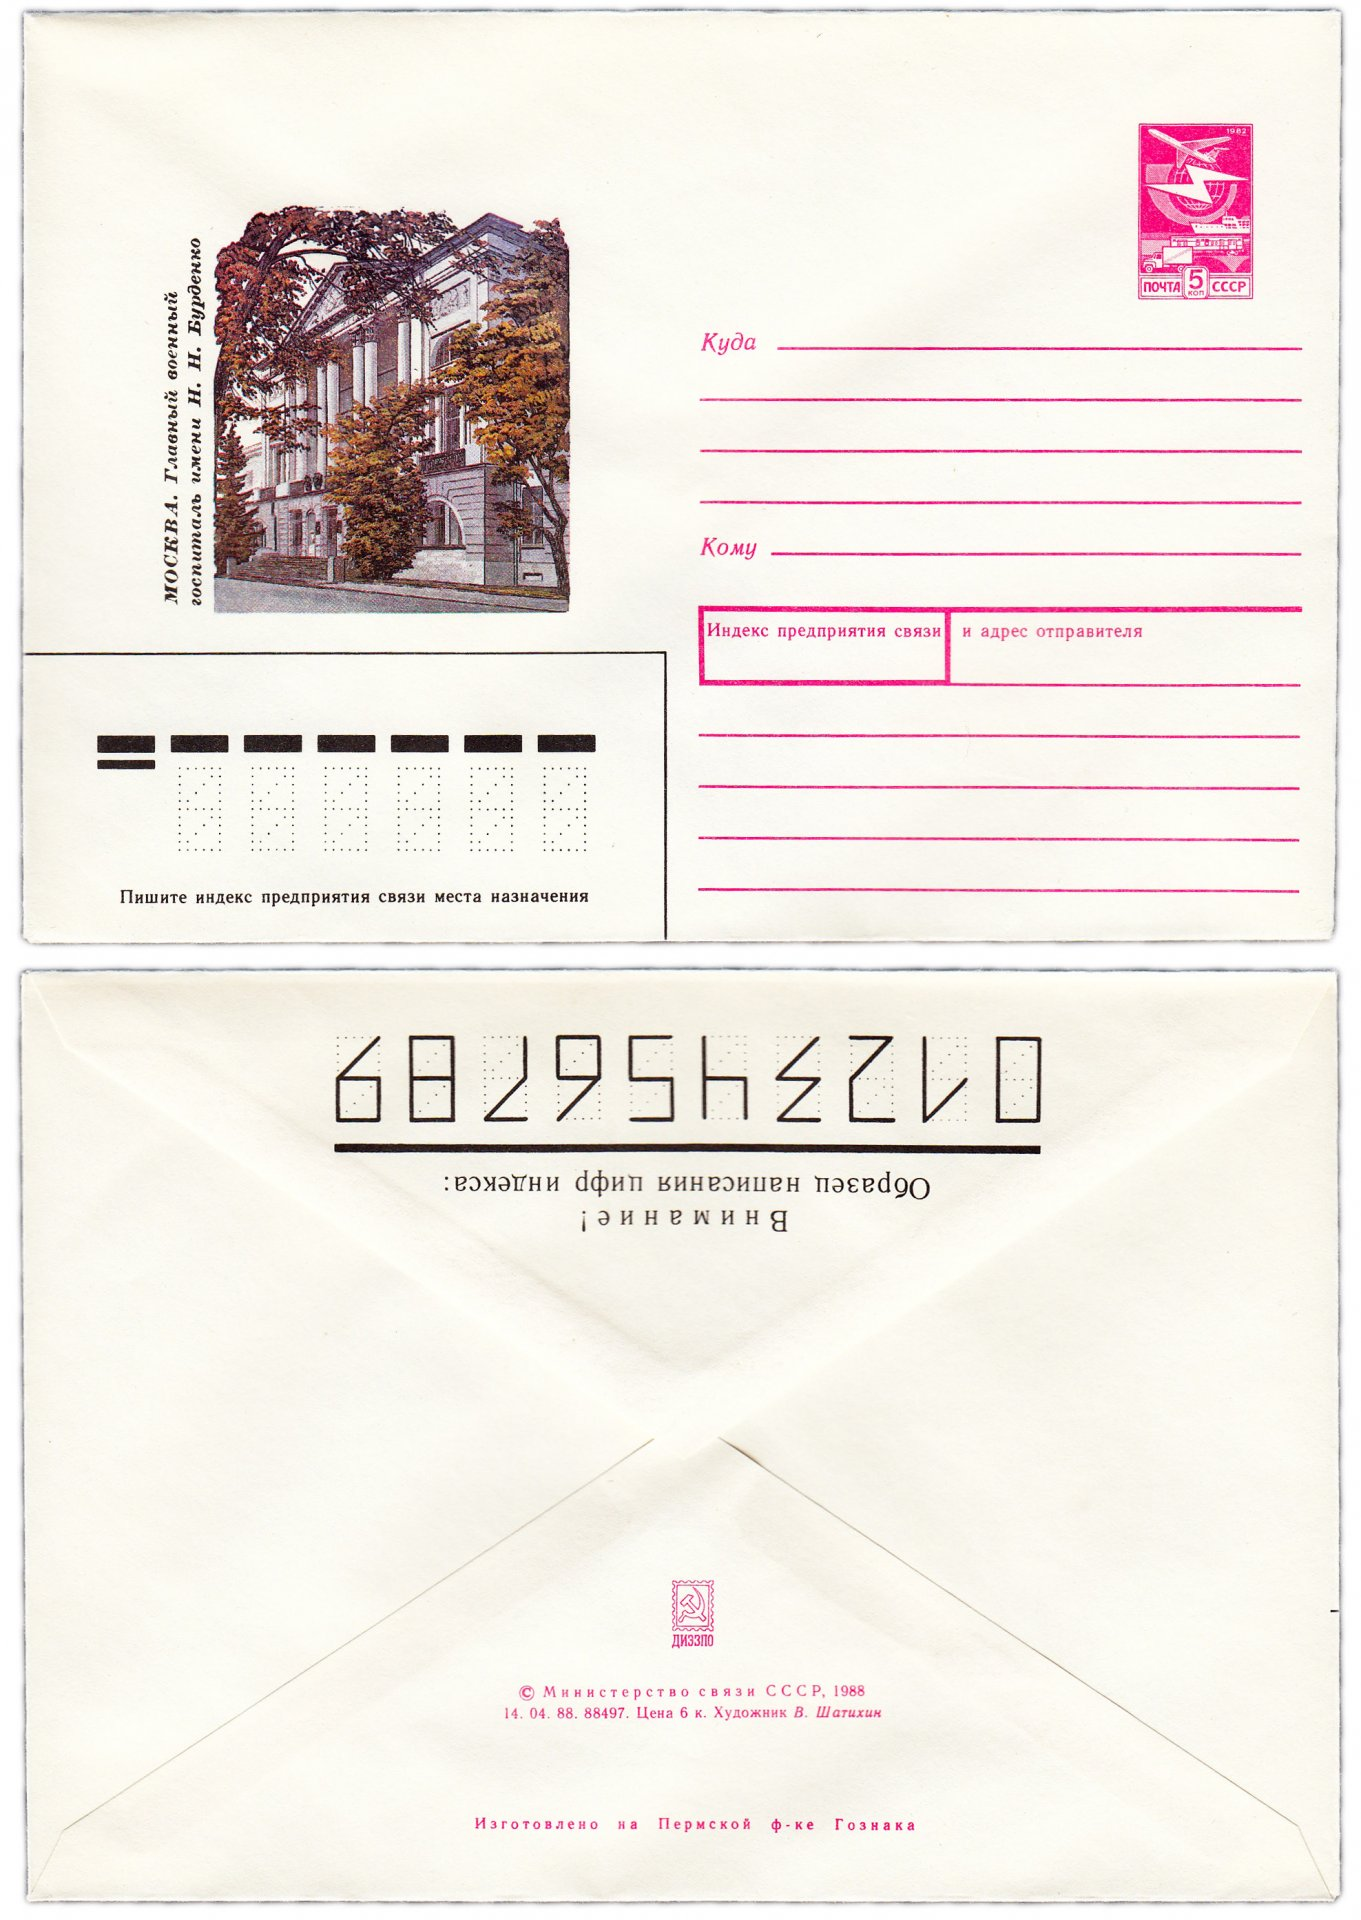 официальный адрес сбербанка россии в москве головной офис индекс